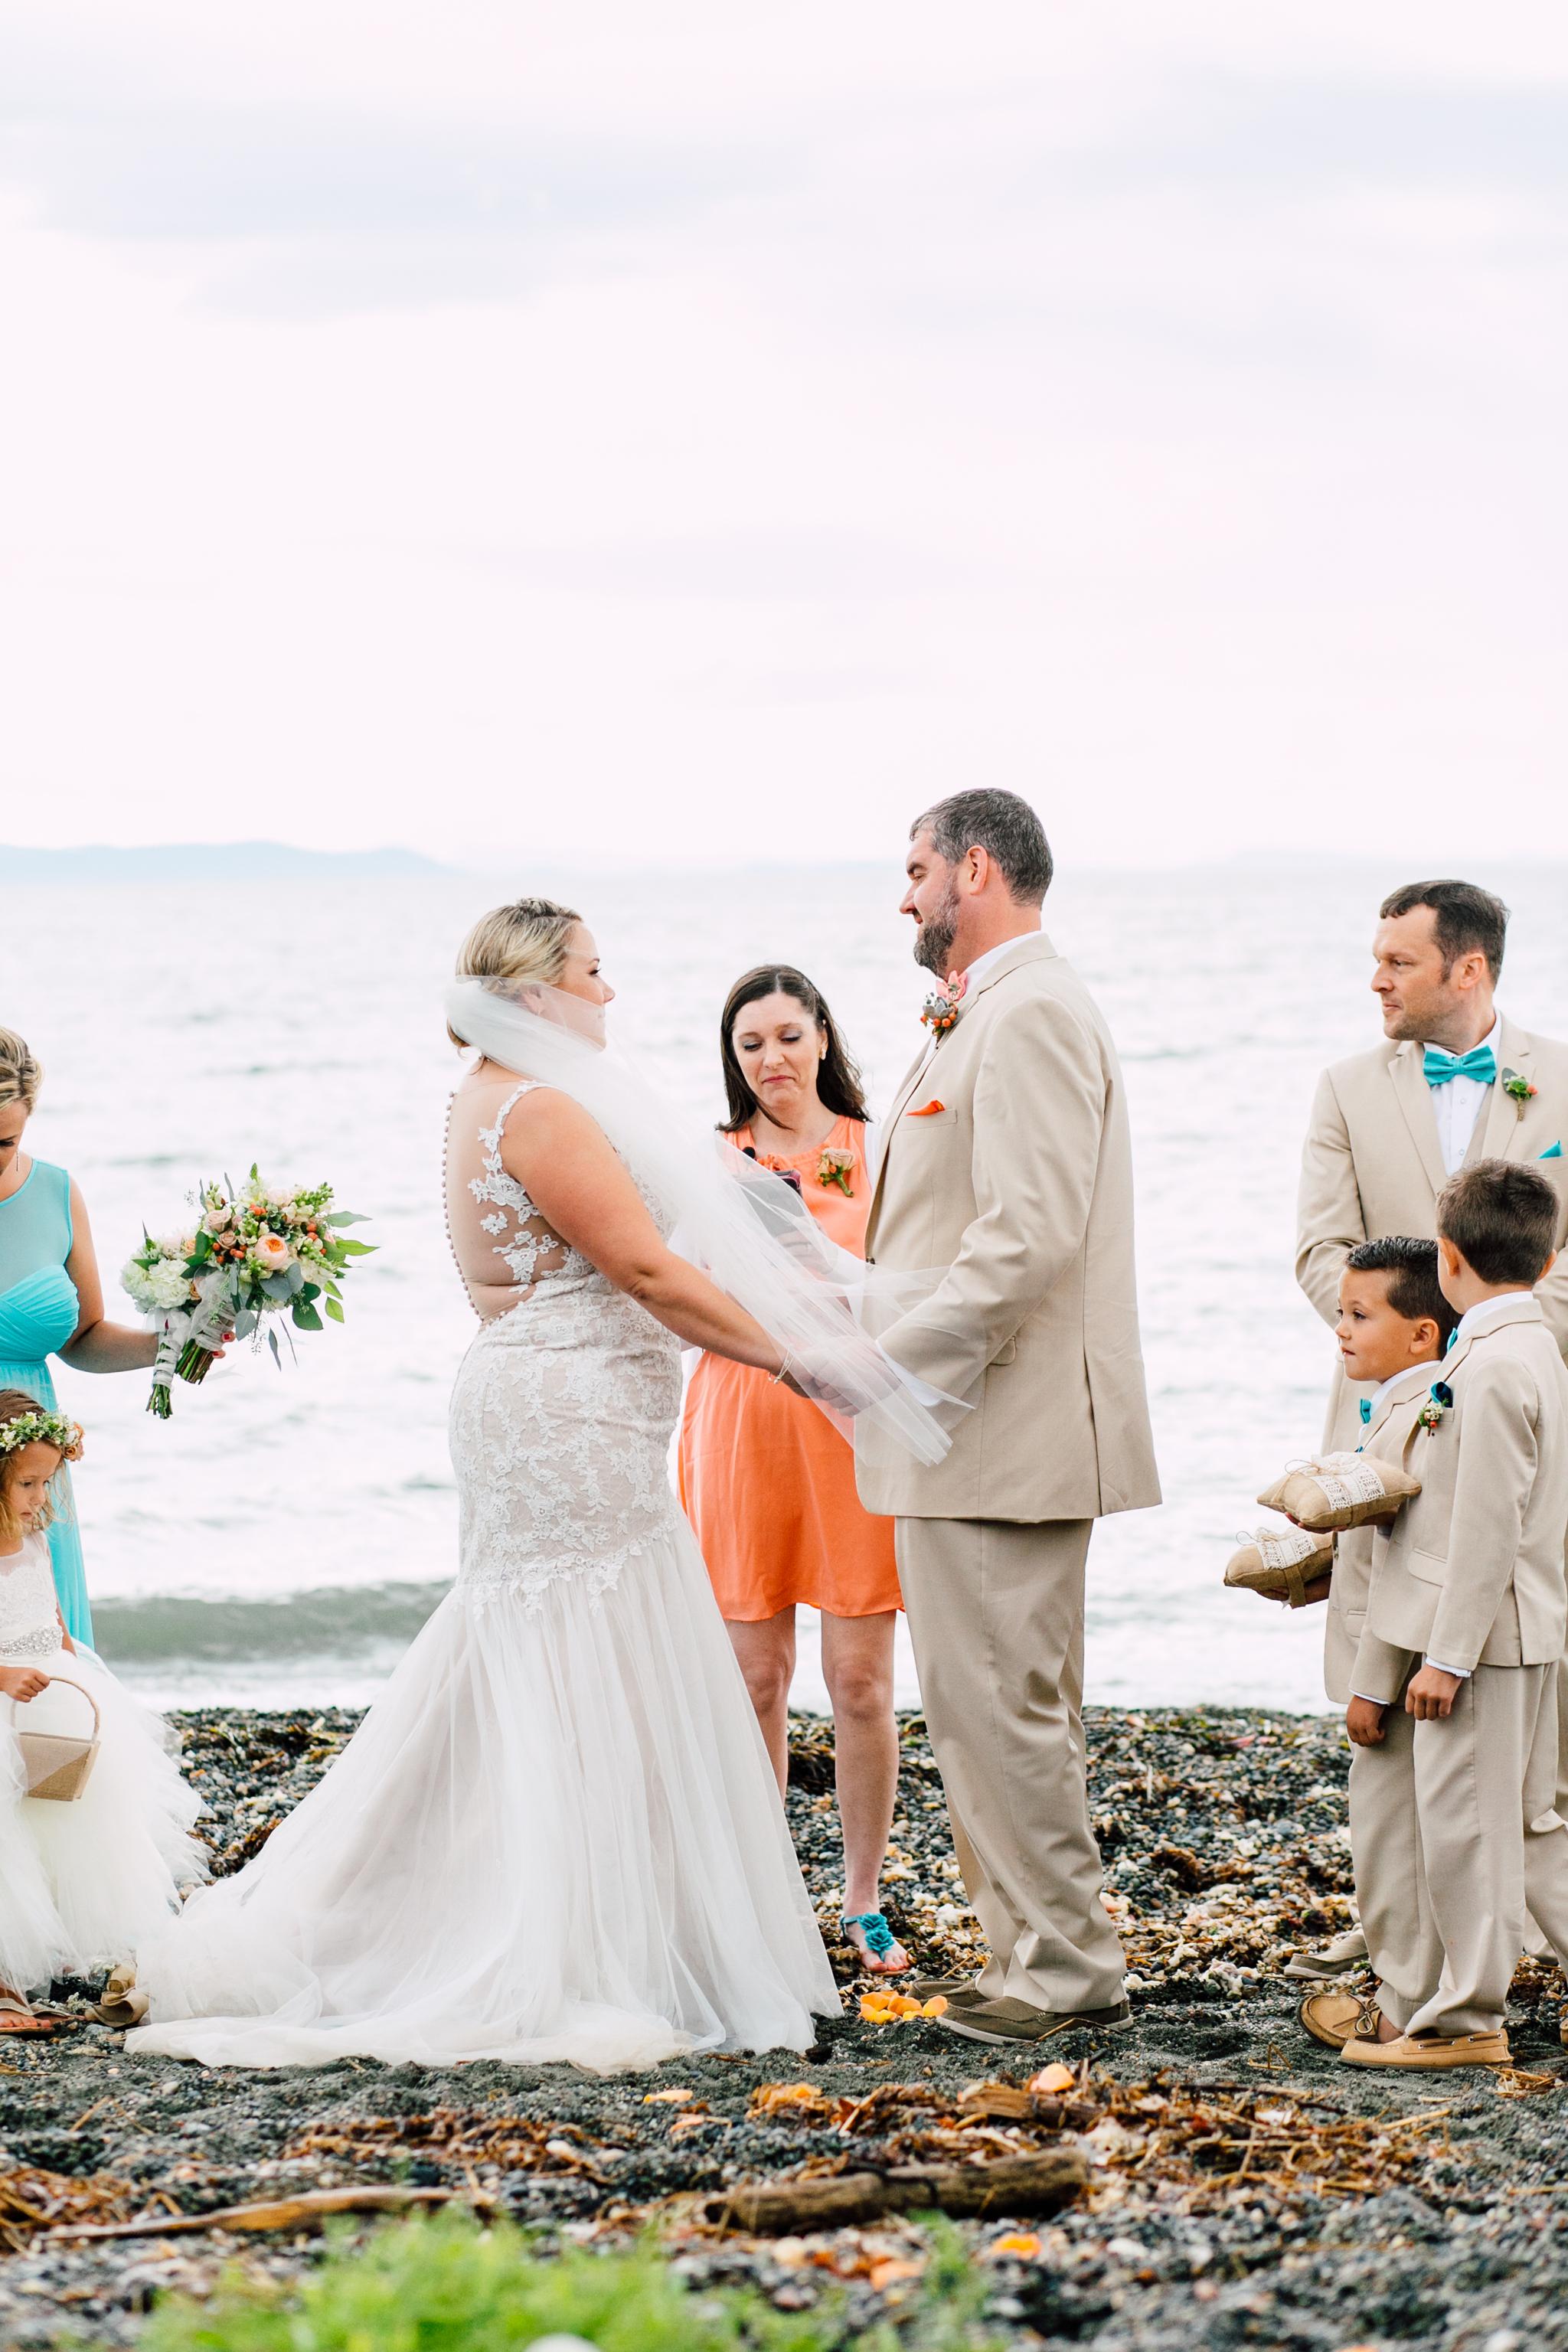 063-bellingham-wedding-photographer-beach-katheryn-moran-elisa-phillip.jpg